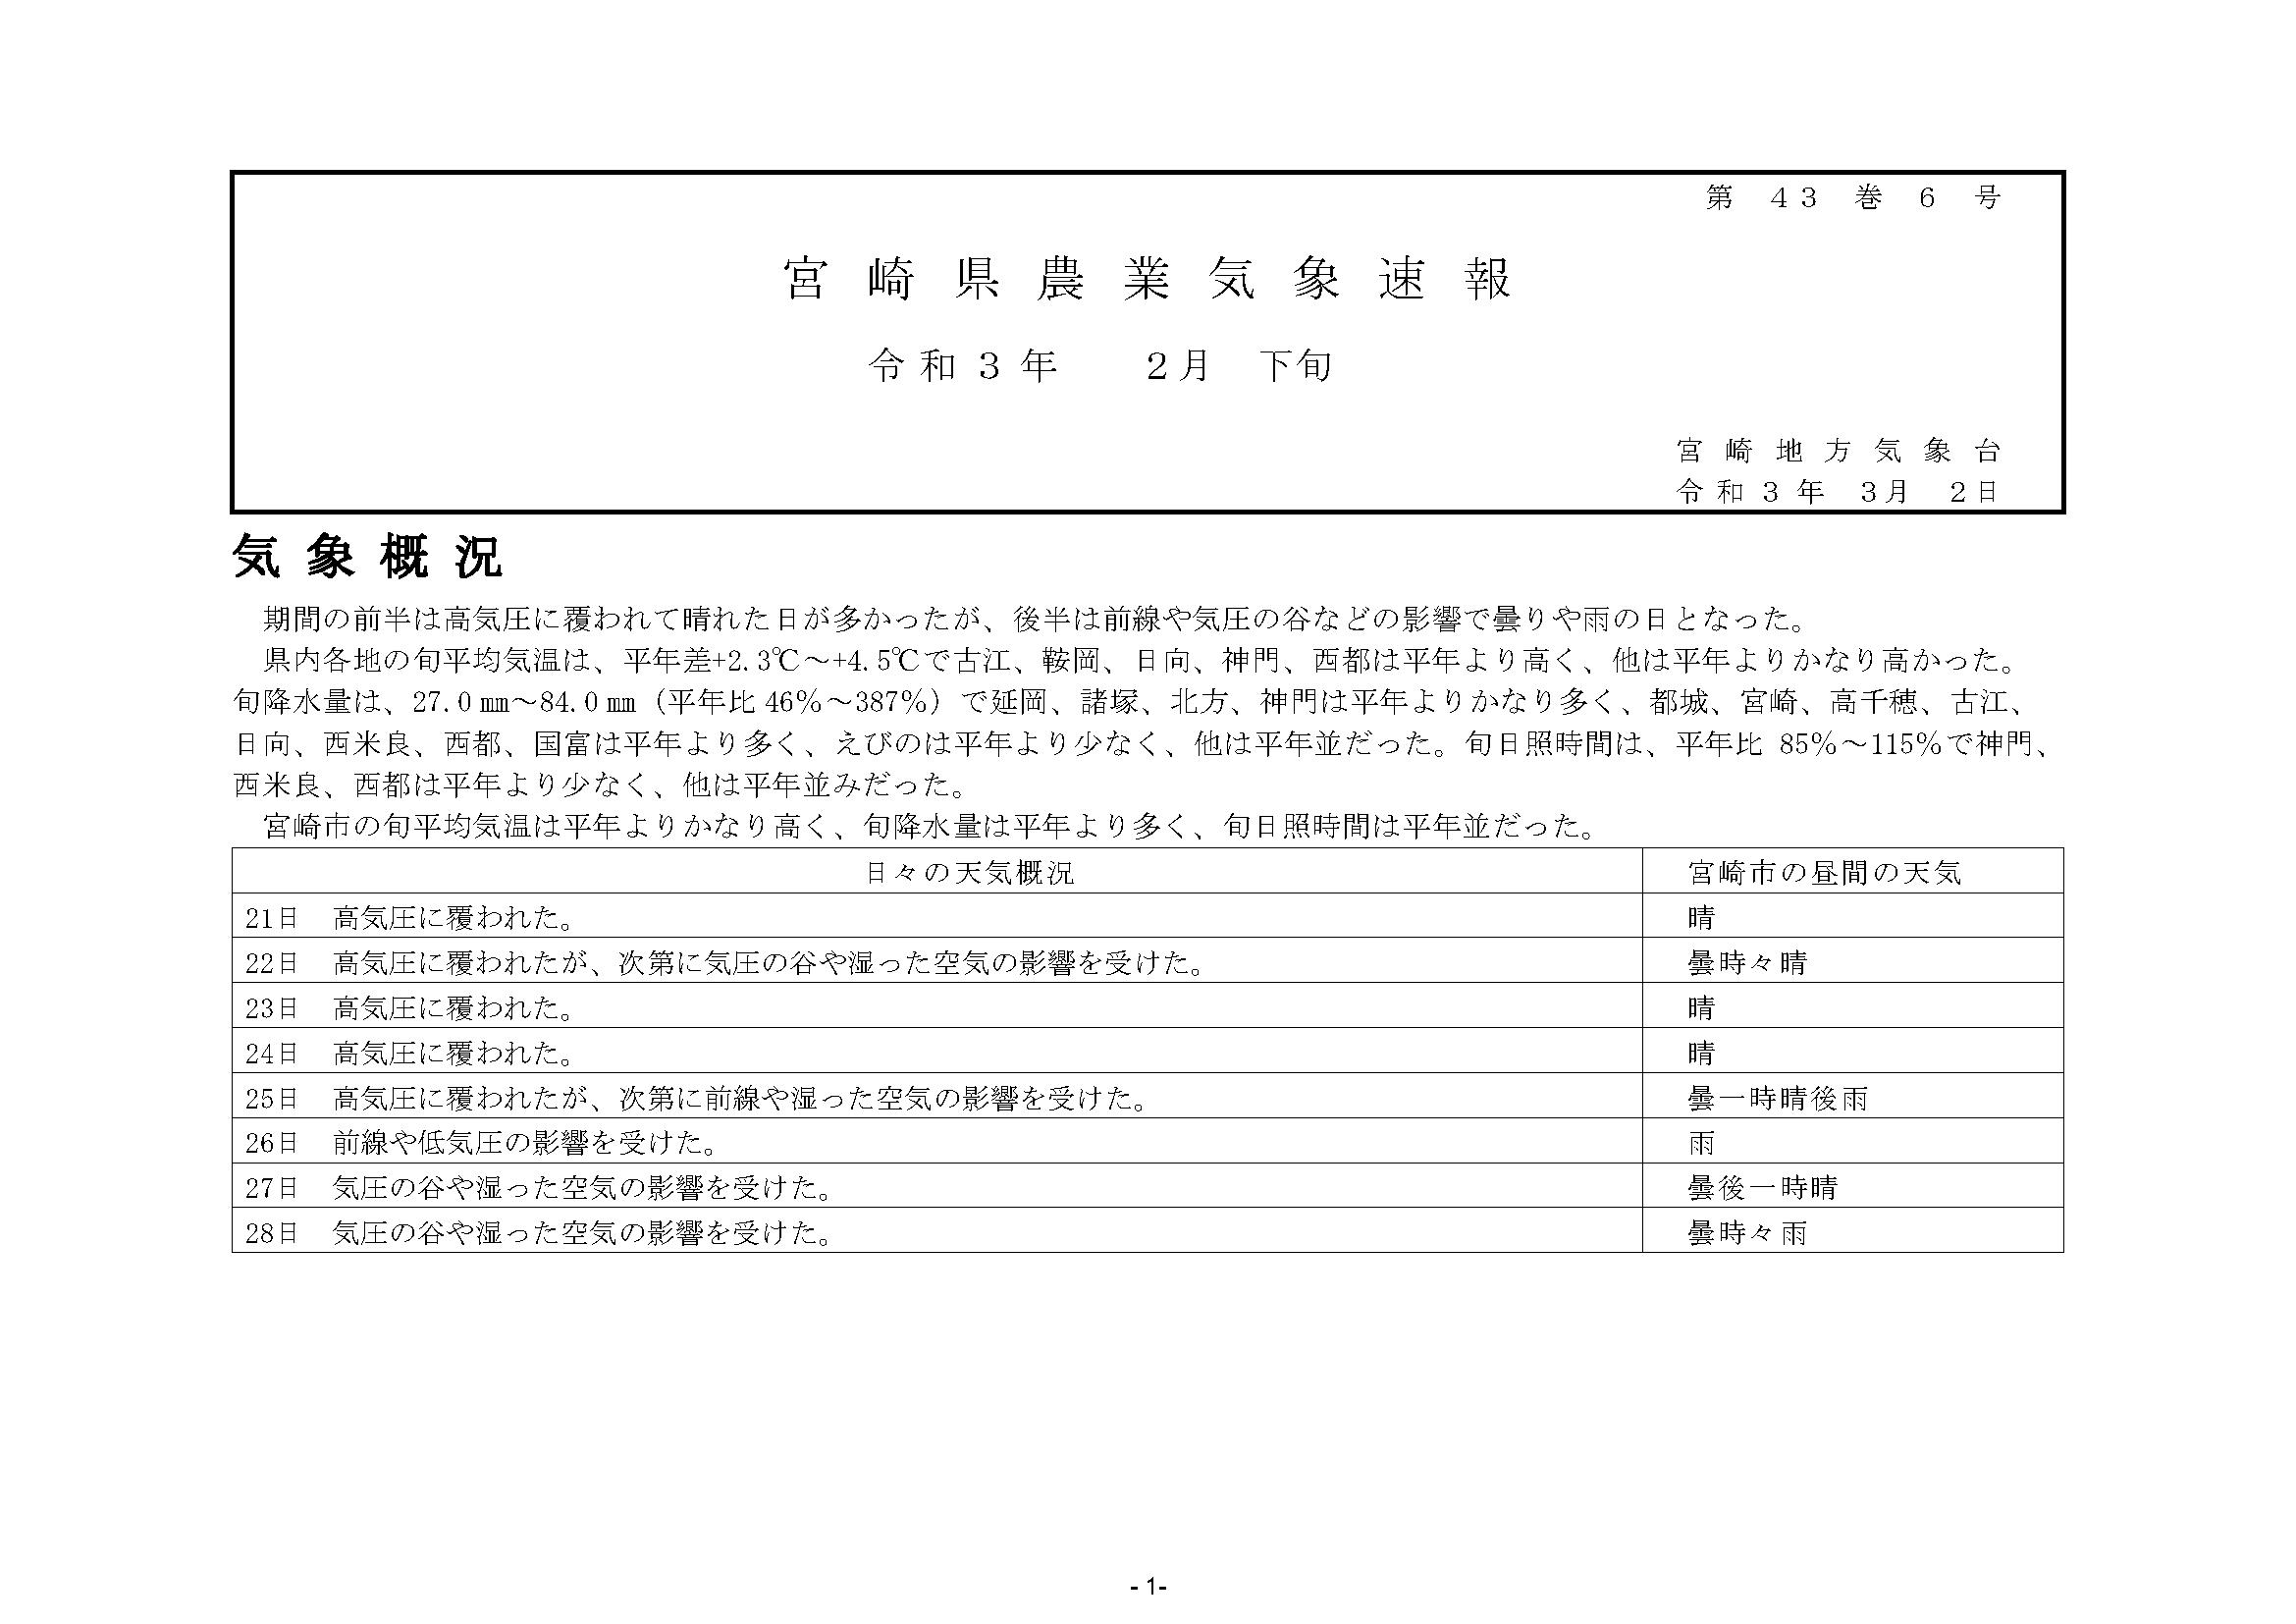 宮崎県農業気象速報令和3年2月下旬PDF